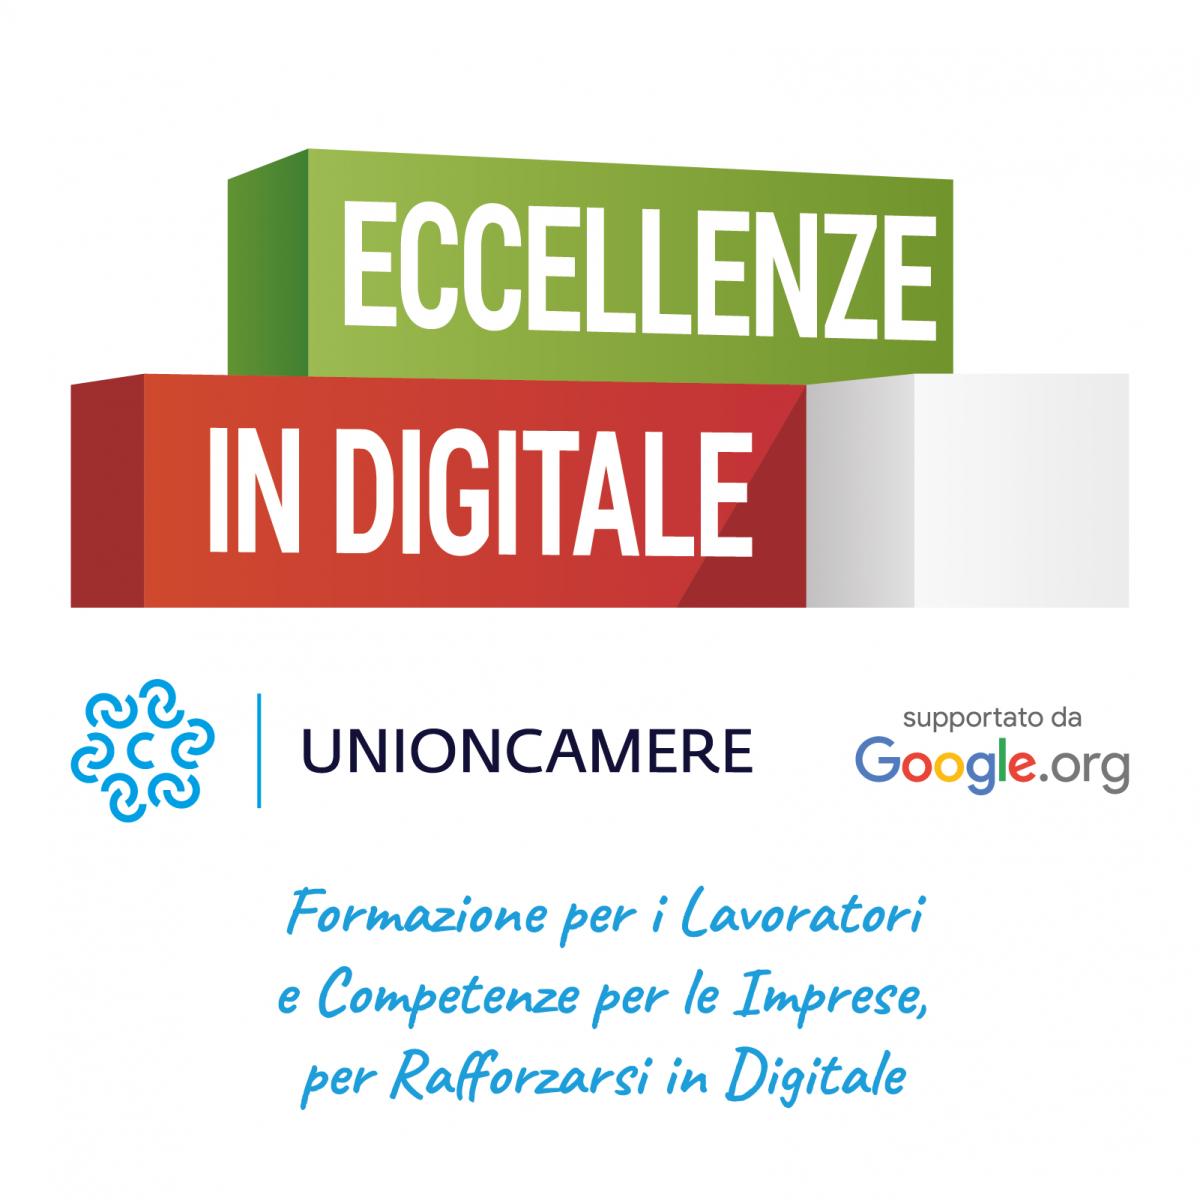 Riparte il progetto Eccellenze in digitale in collaborazione con Unioncamere e Google: formazione gratuita per lavoratori e imprese